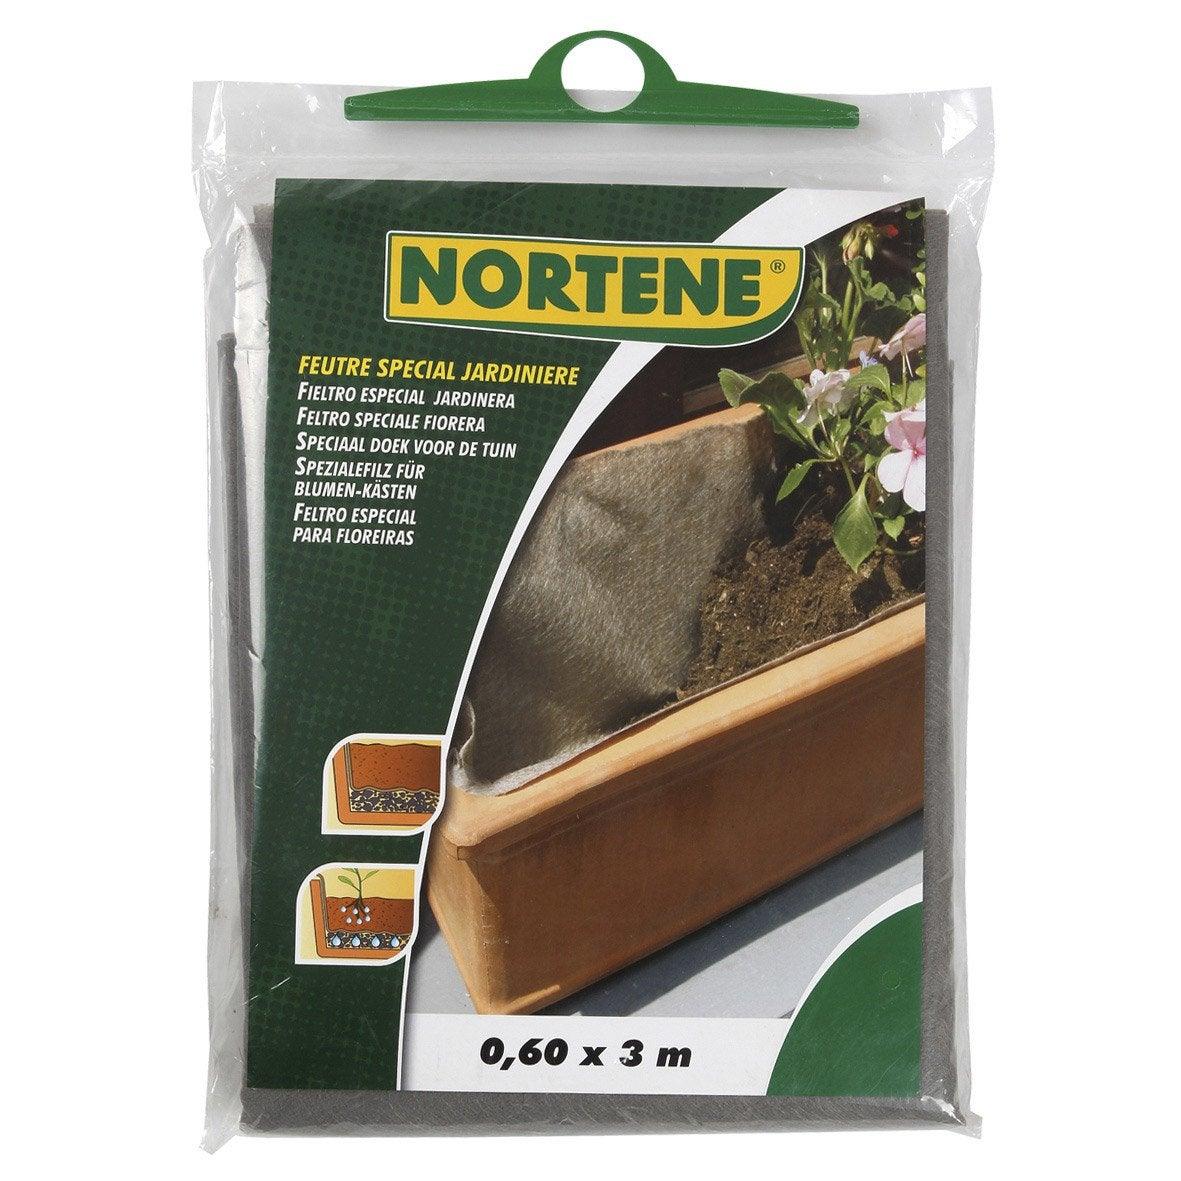 Feutre de drainage pour jardinière NORTENE 150011   Leroy Merlin